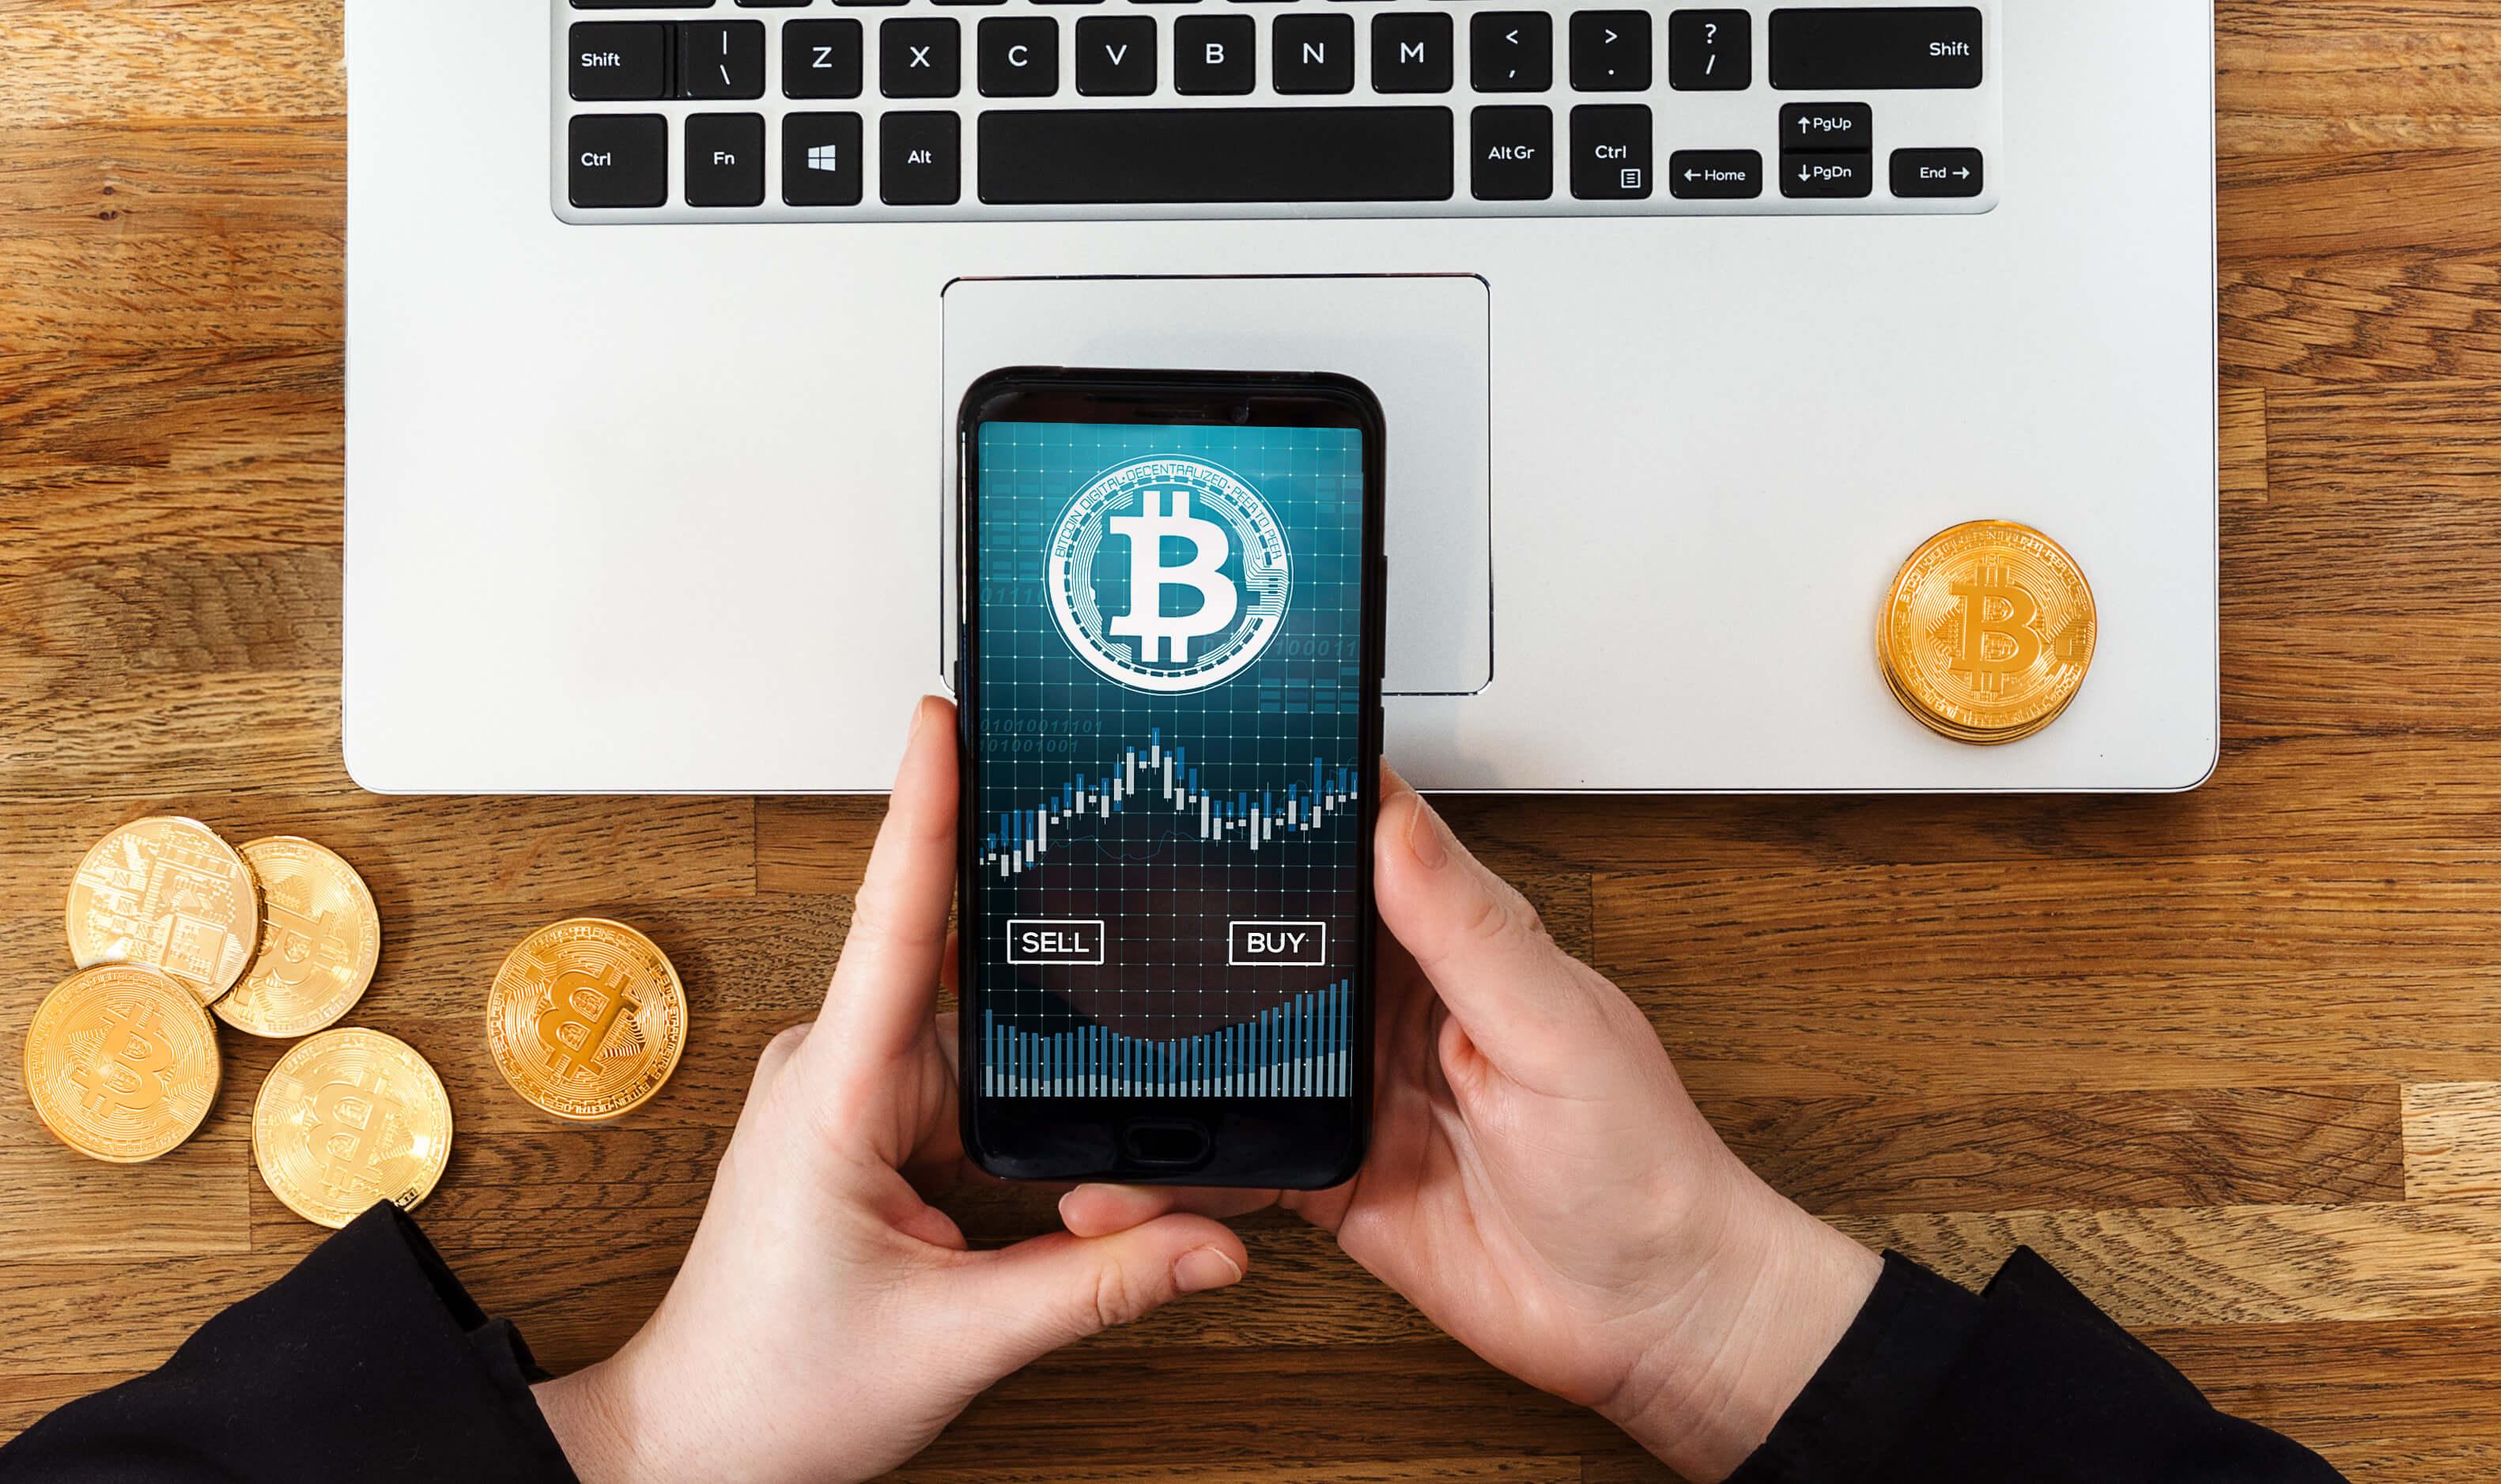 ビットコイン(Bitcoin/BTC)積立のメリット・デメリットと運用方法を徹底解説